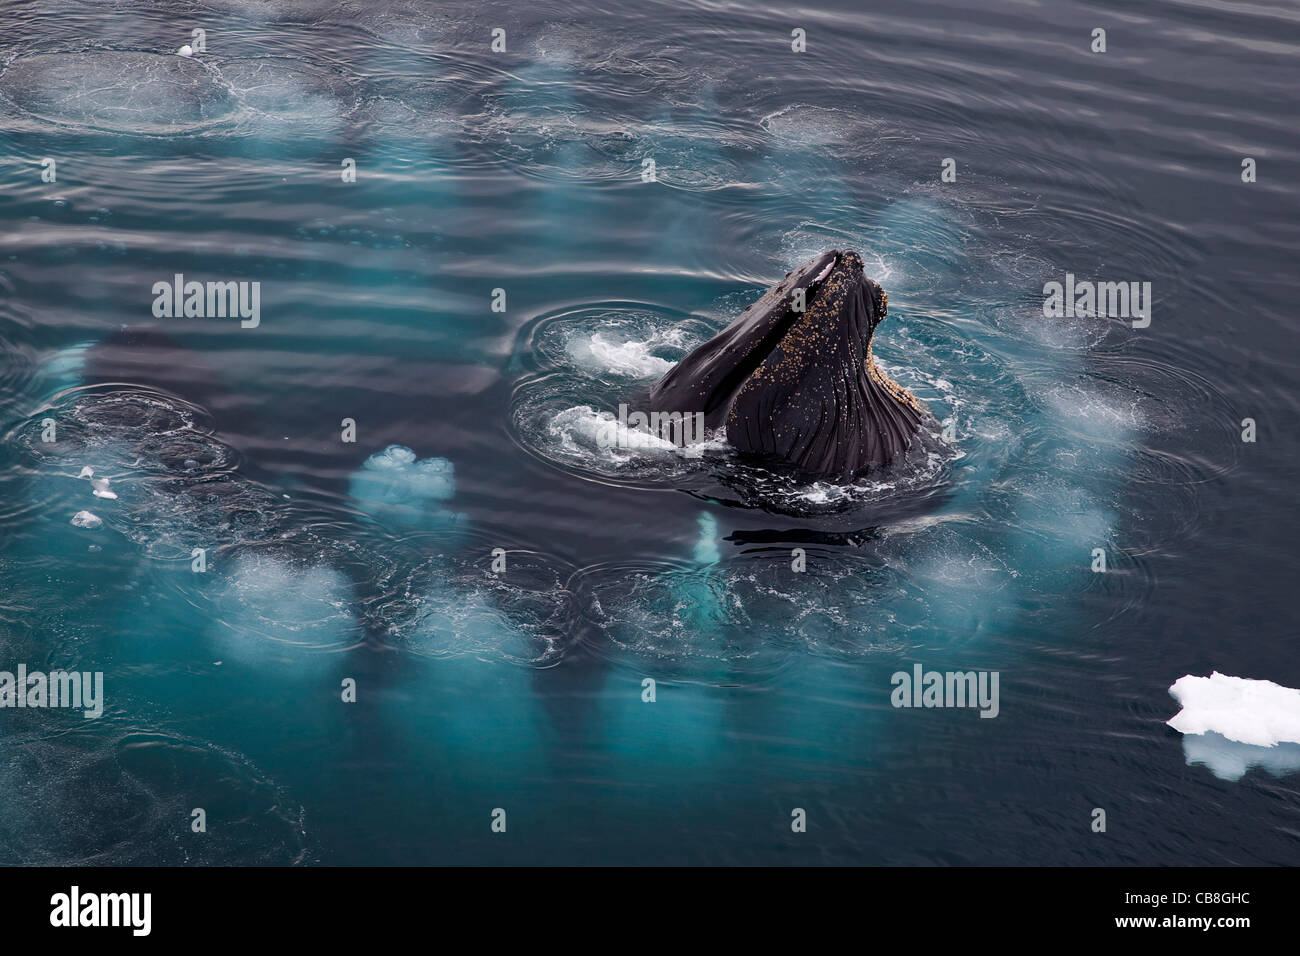 Le balene con la gobba (Megaptera novaeangliae) bolla alimentazione rete soffiando anello di bolle di aria in corrispondenza Immagini Stock